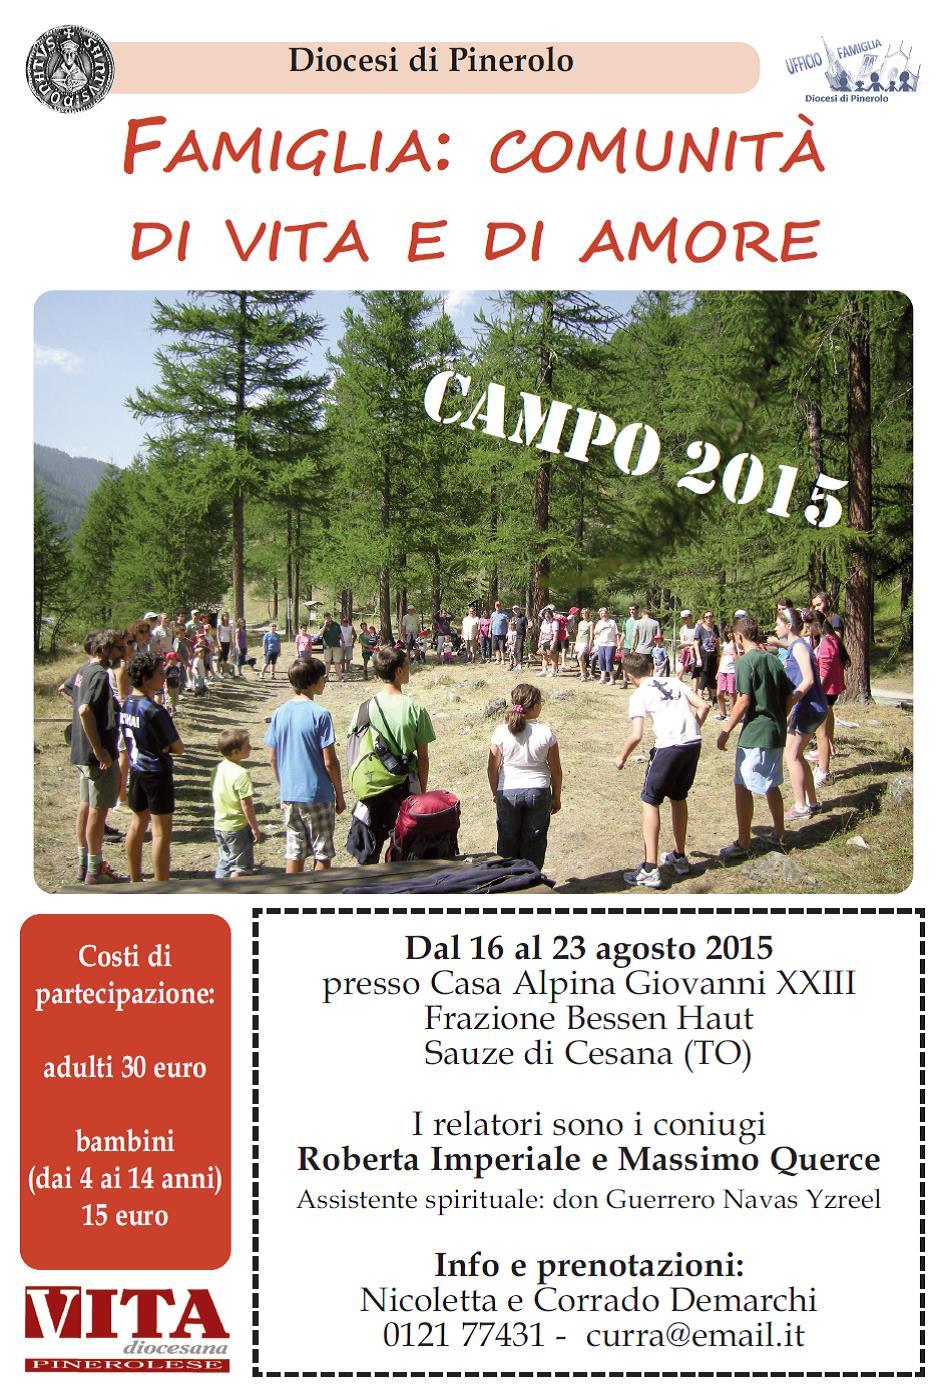 Pastorale famigliare: aperte le iscrizioni per il campo estivo della Diocesi di Pinerolo